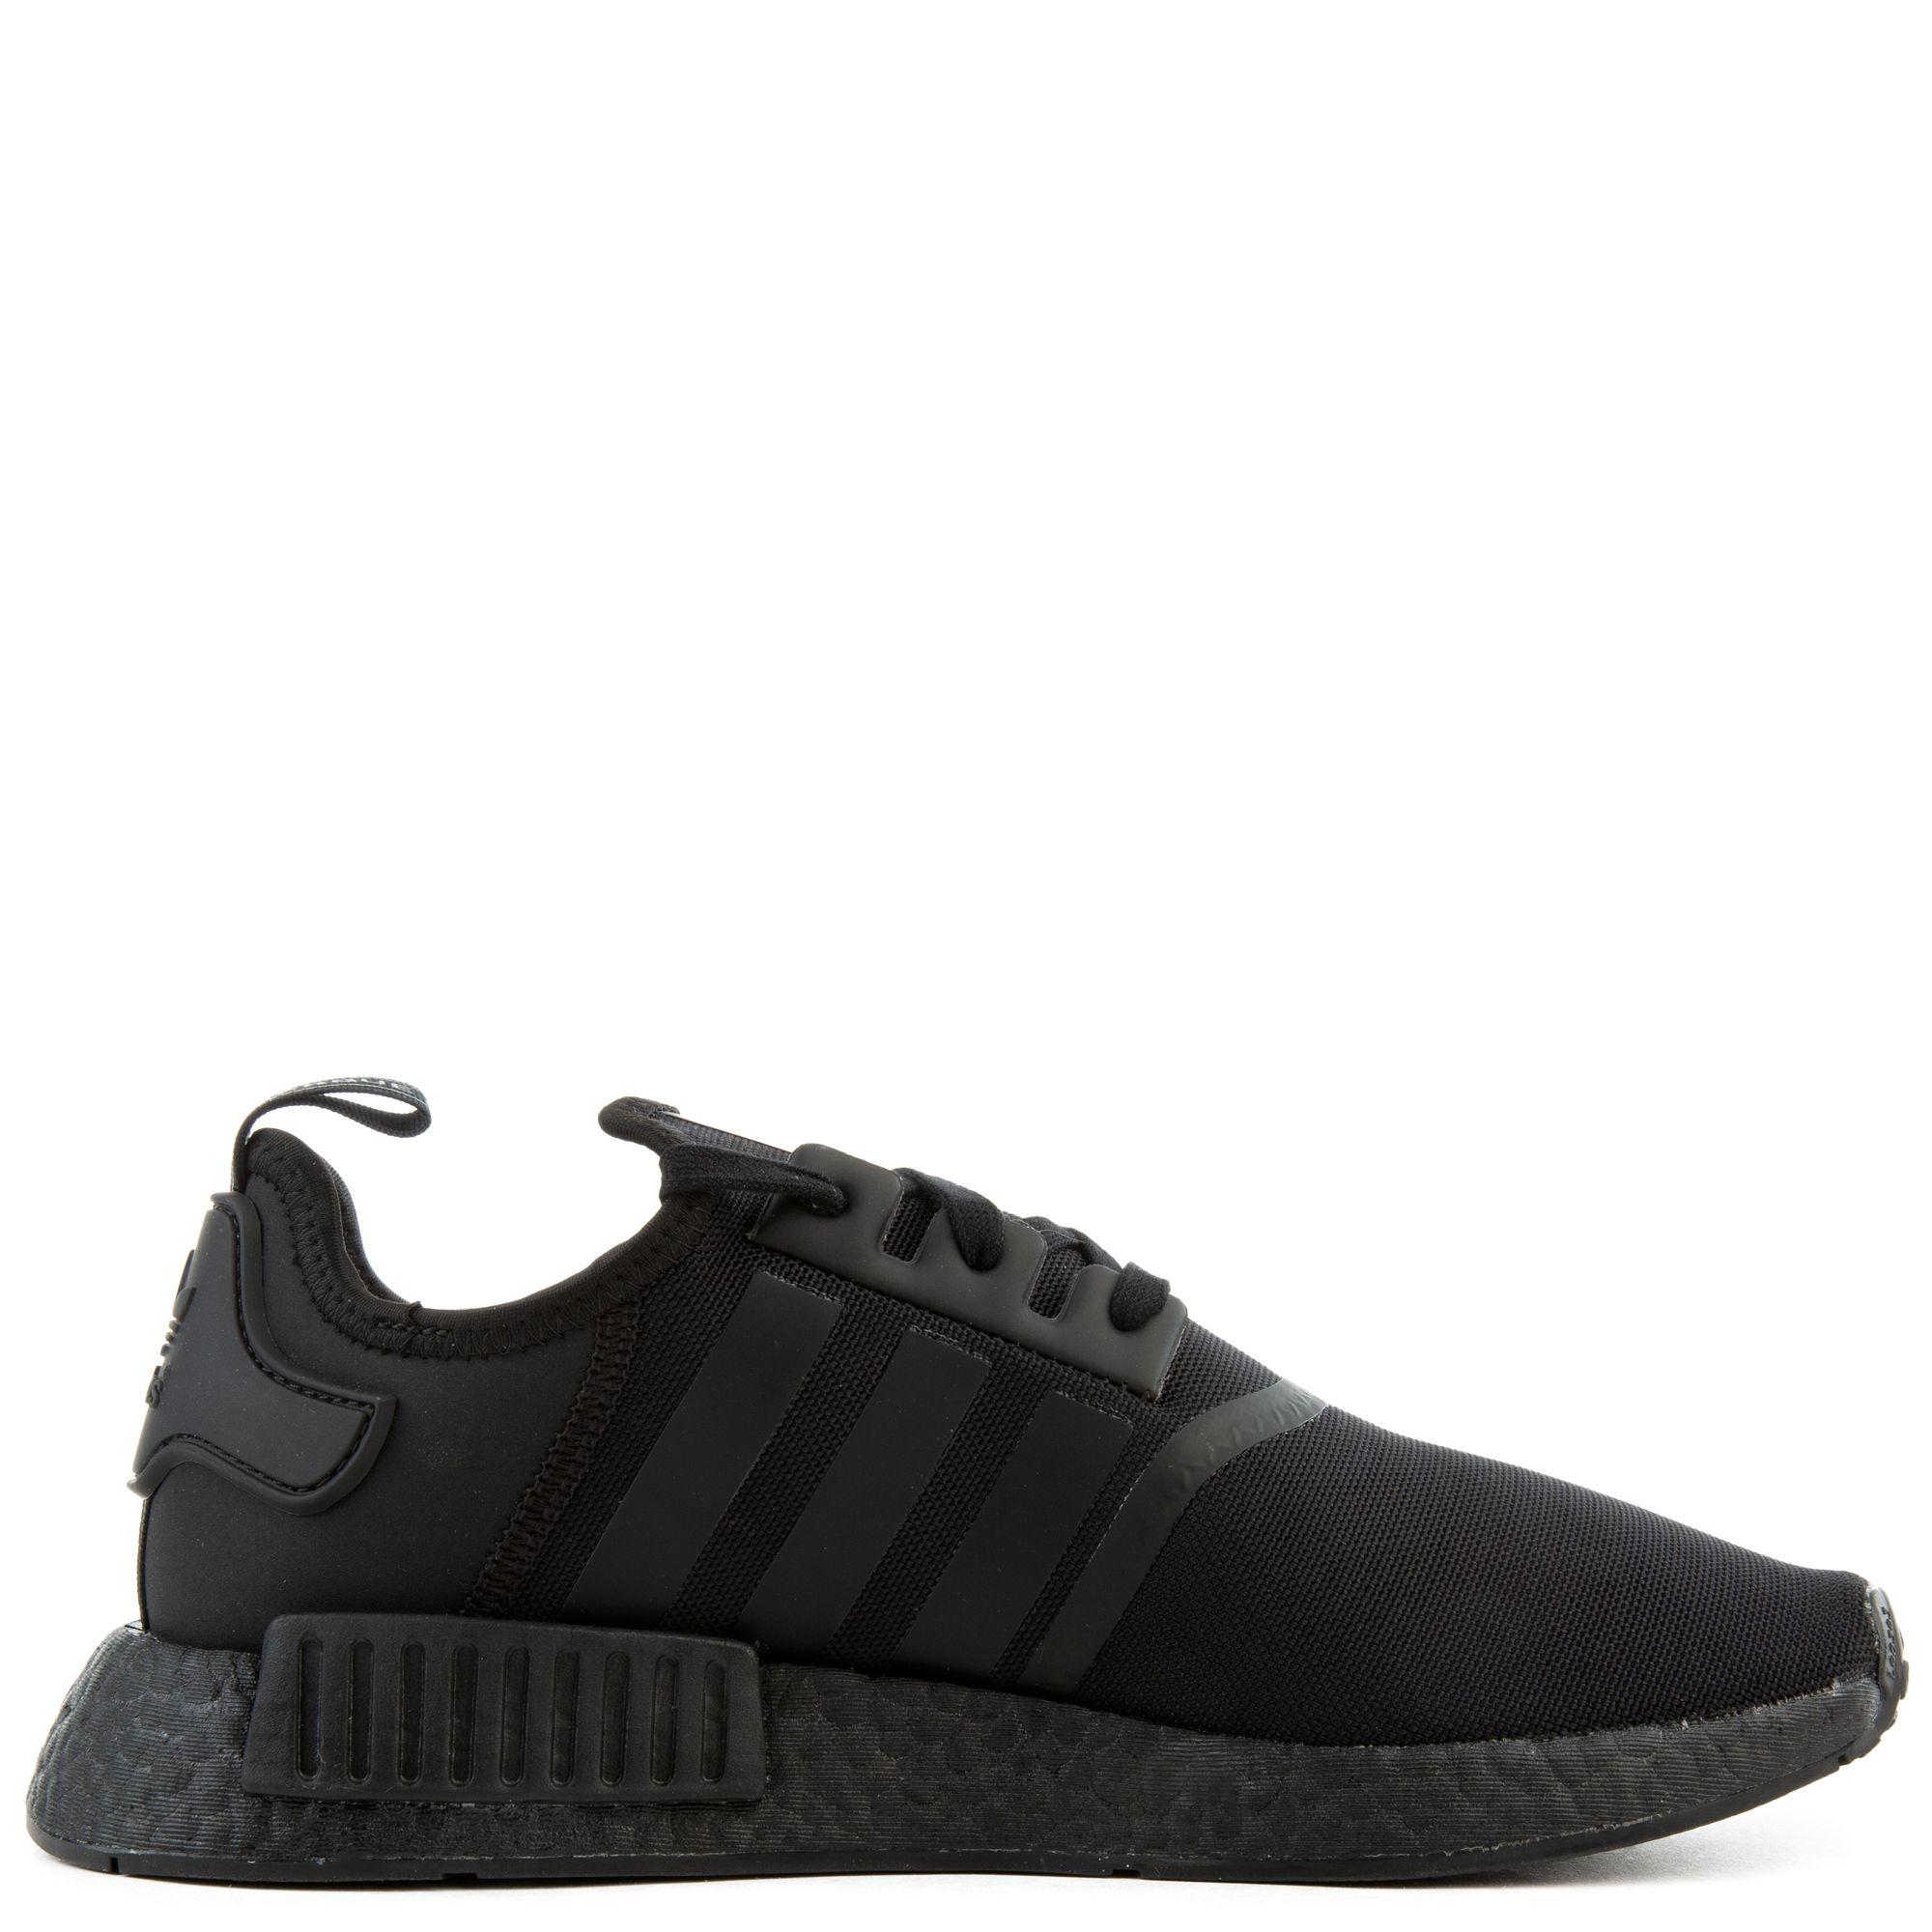 Mens Adidas NMD R1 Triple Black FV9015 On Sale